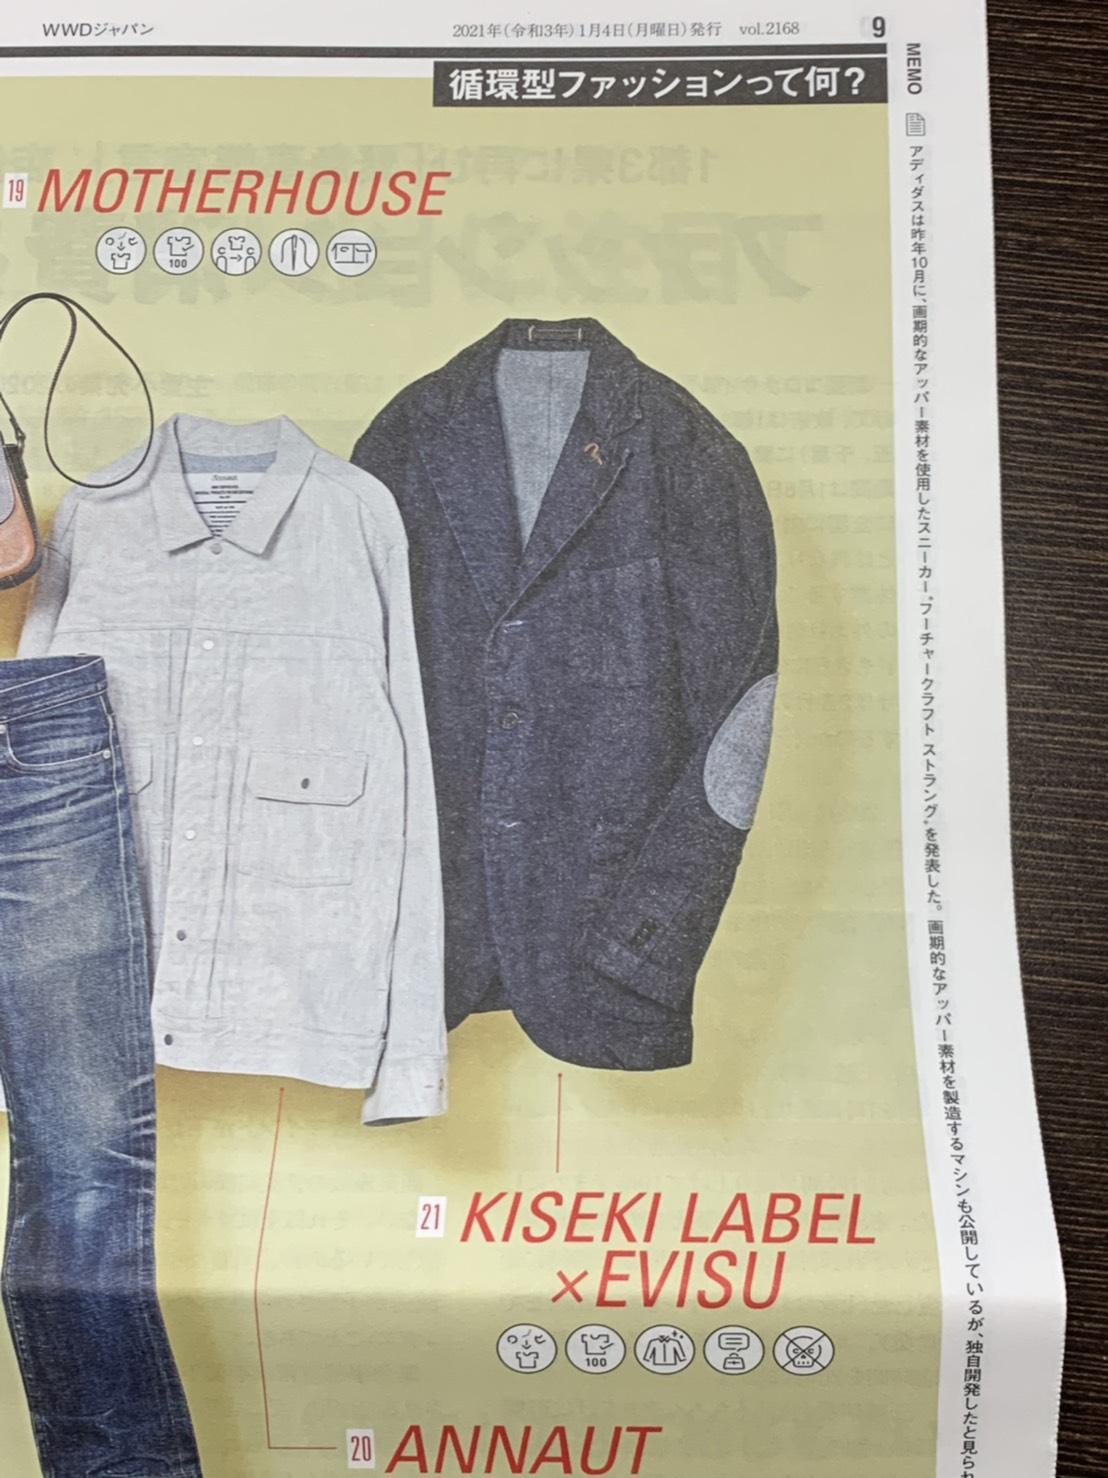 「EVISUジーンズ」✕「KISEKI LABEL」の記事がWWDに掲載されました